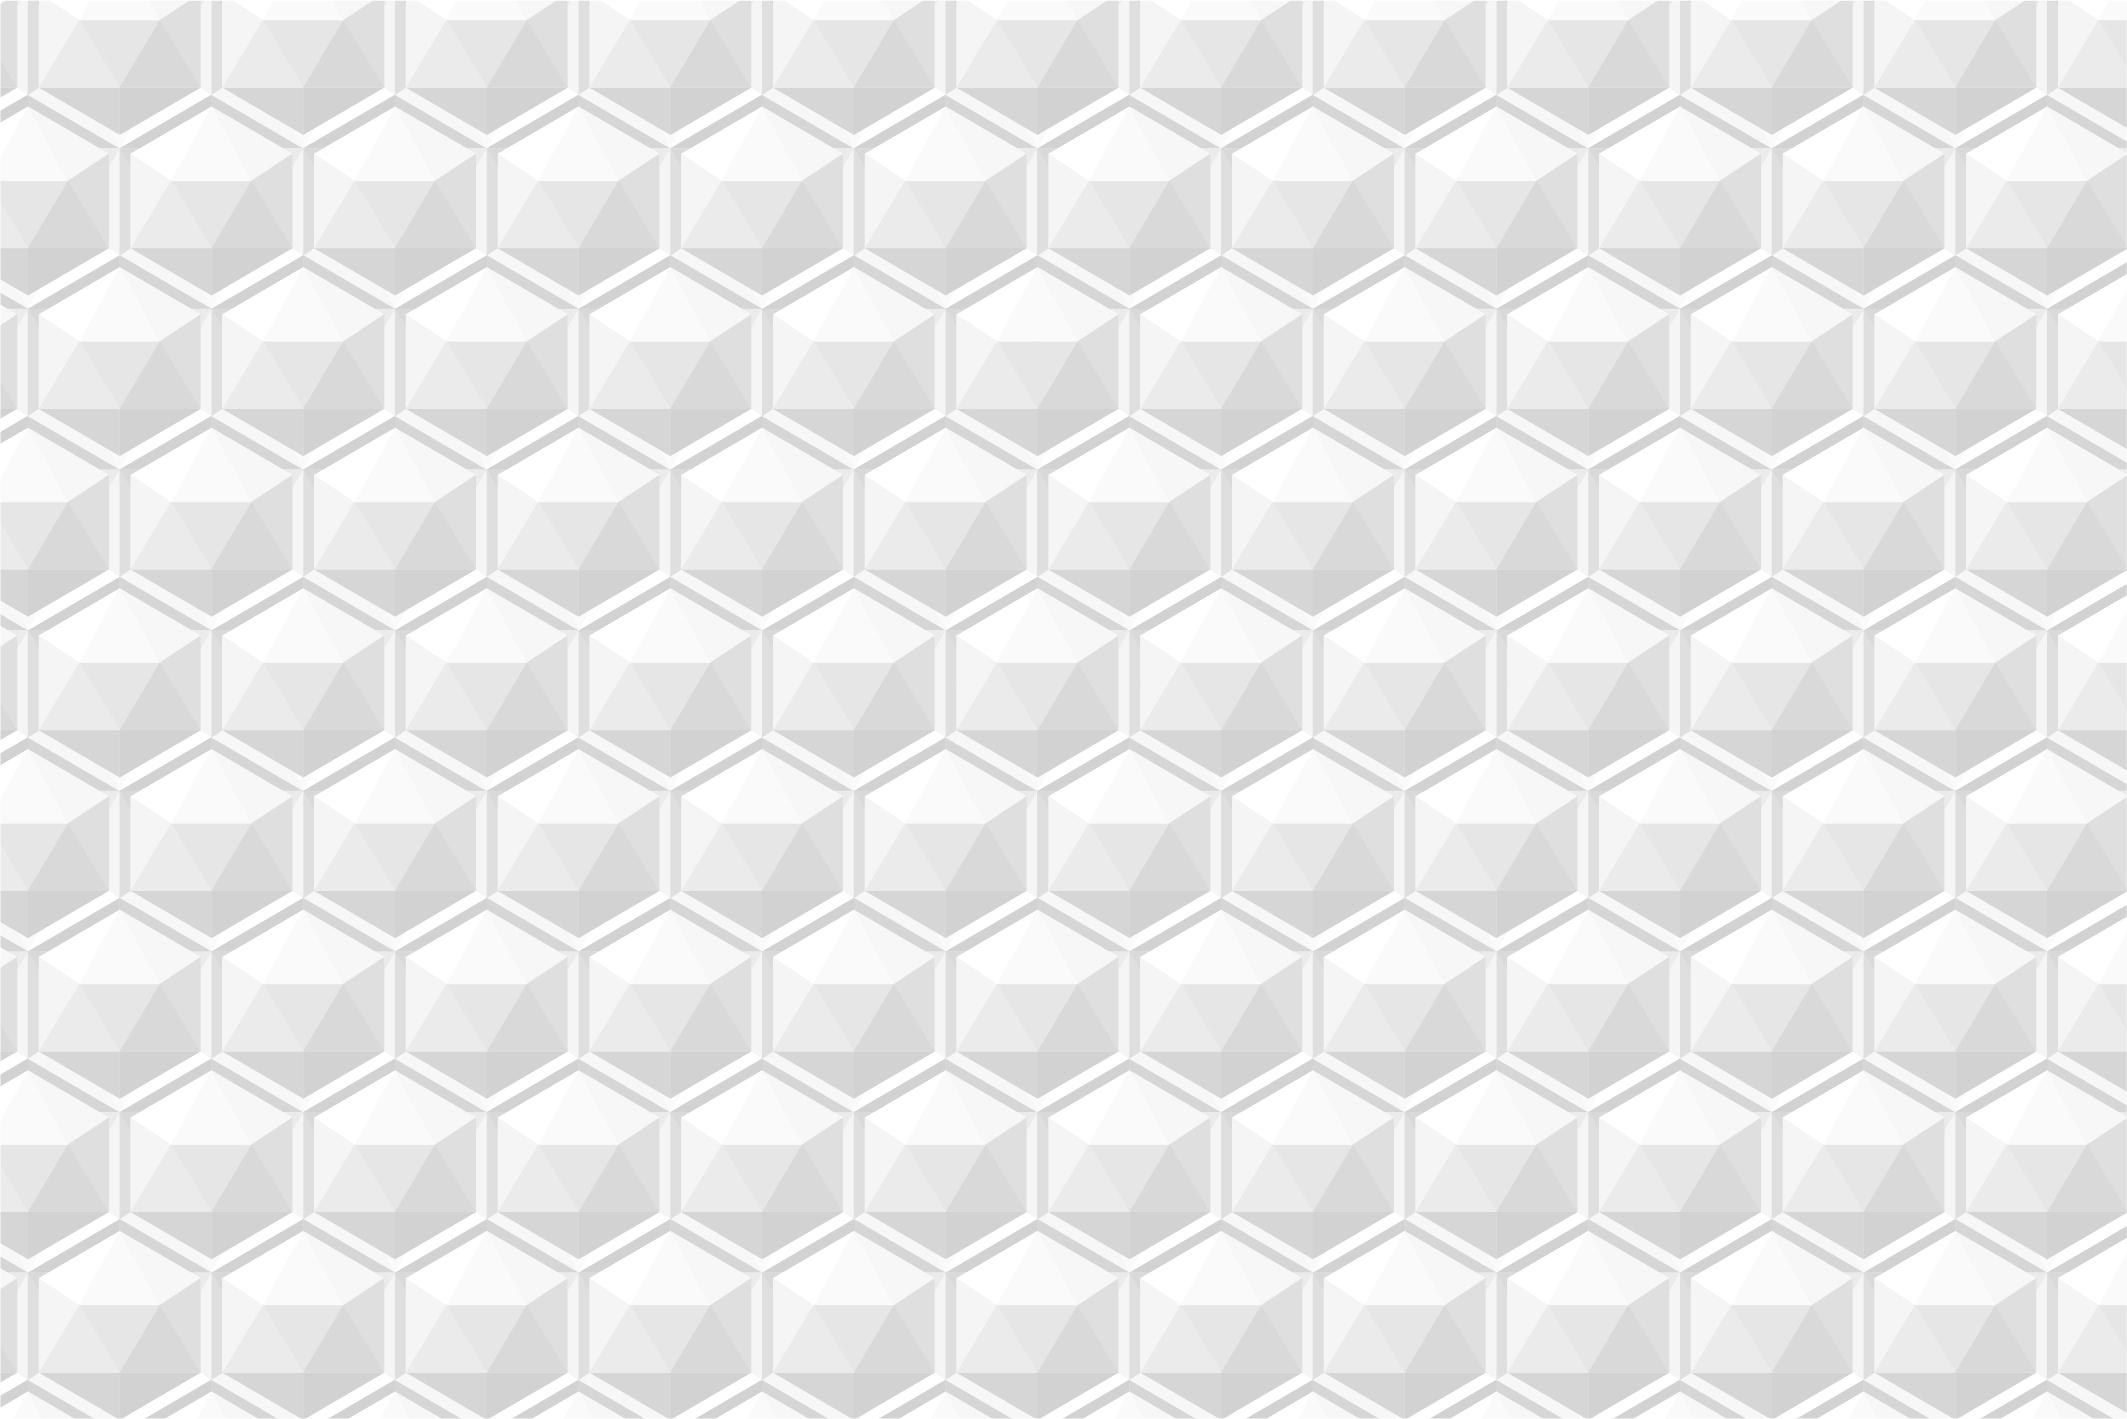 White seamless textures example image 9